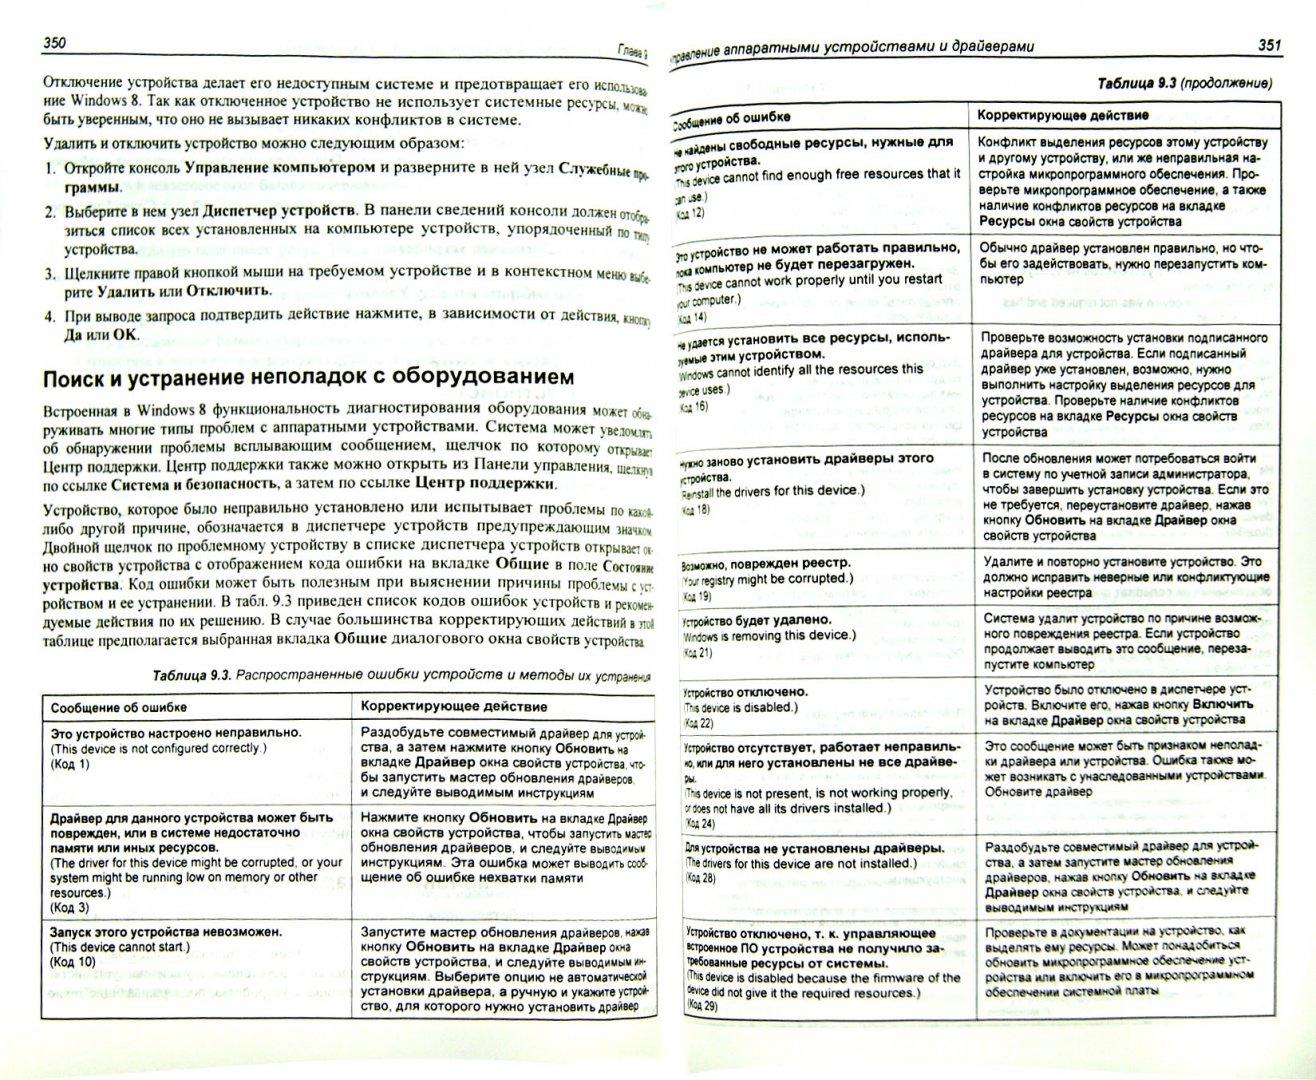 Иллюстрация 1 из 16 для Microsoft Windows 8. Справочник администратора - Уильям Станек | Лабиринт - книги. Источник: Лабиринт